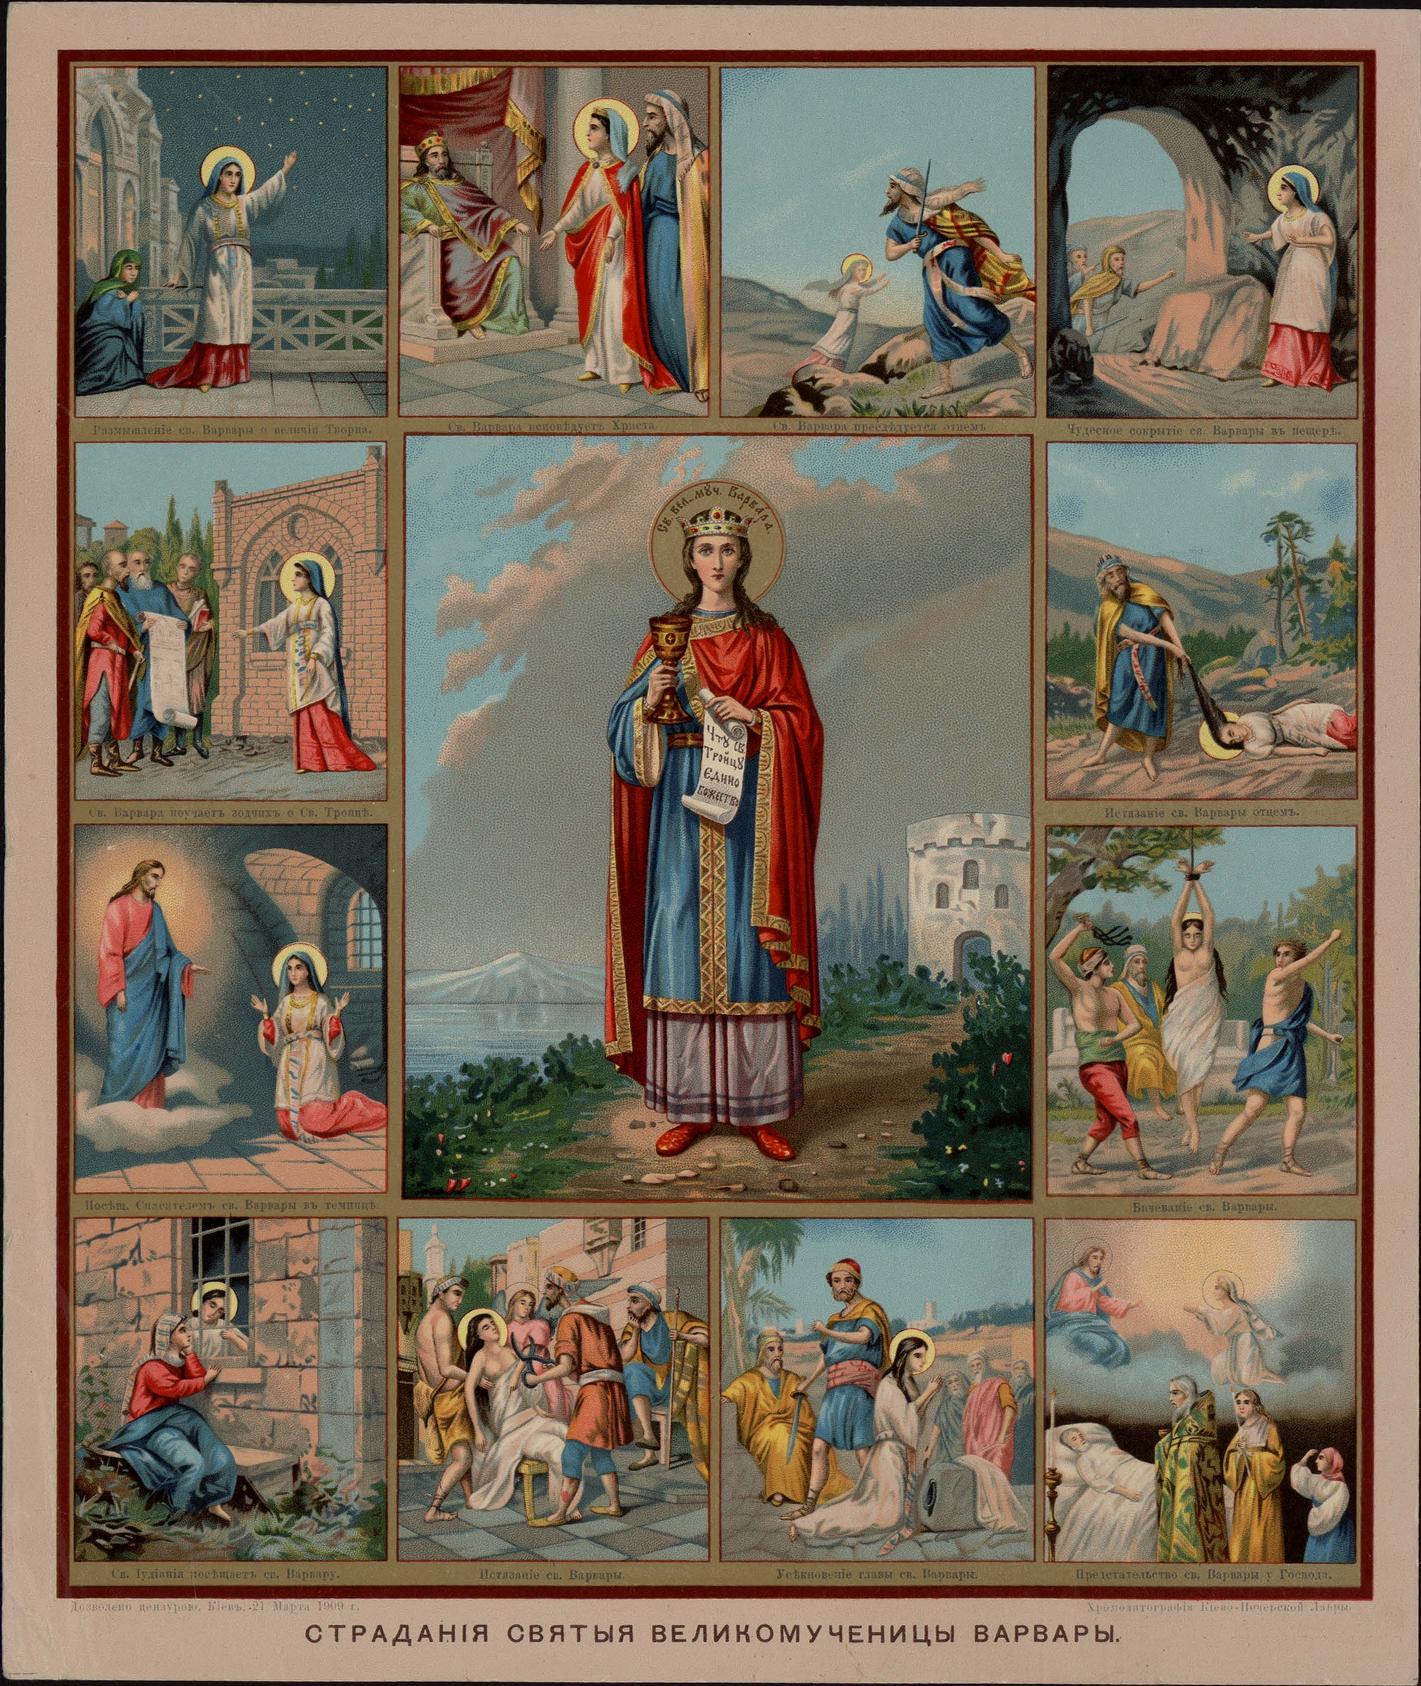 Страдания святой великомученицы Варвары